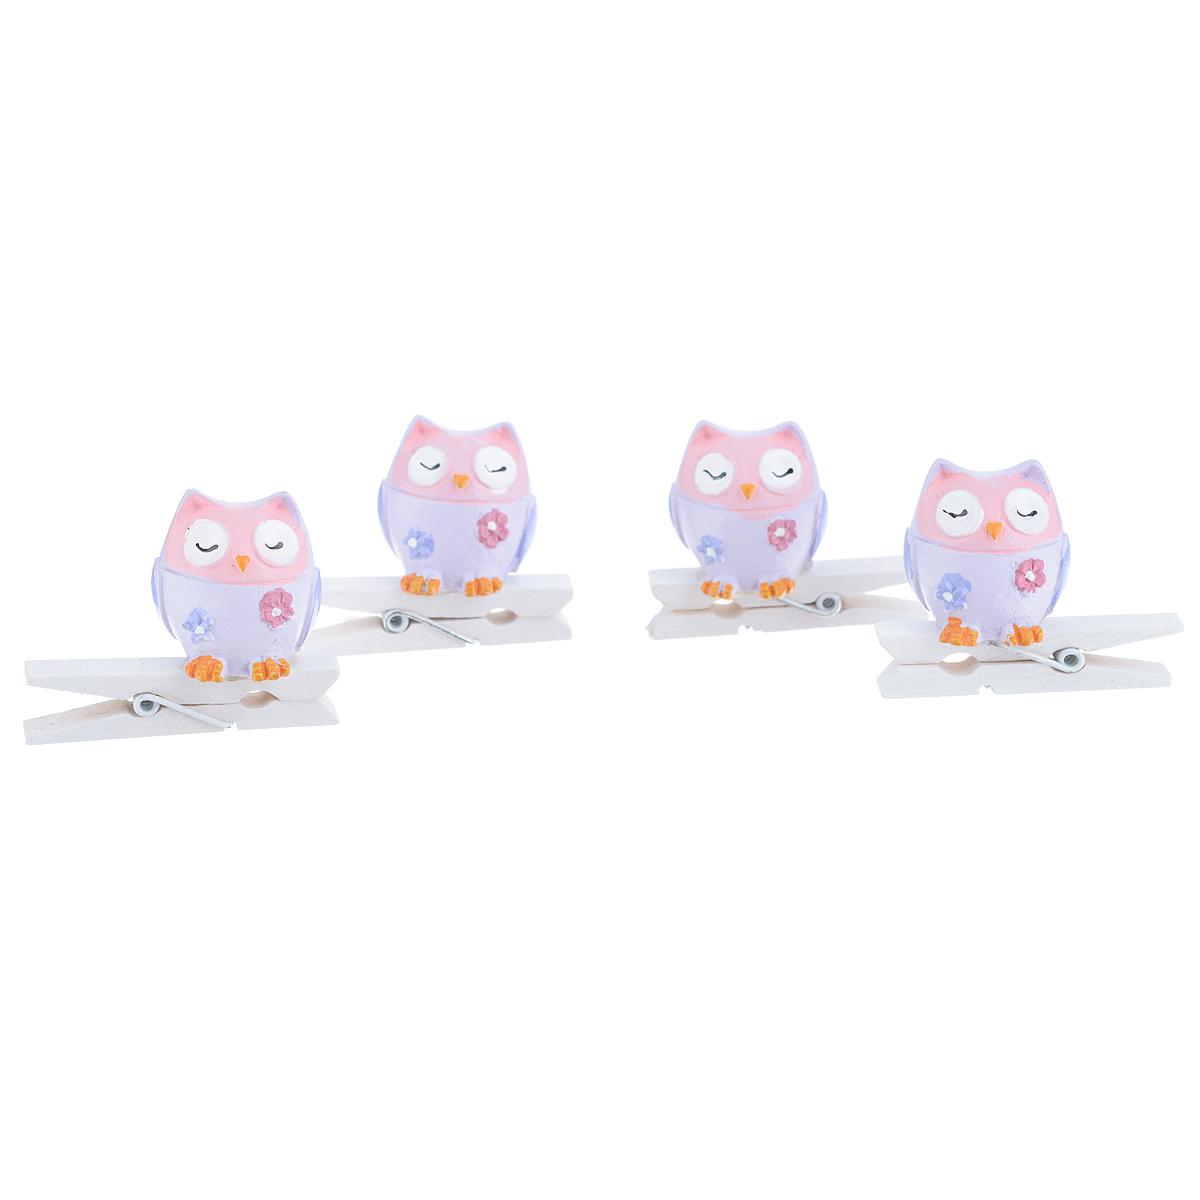 Набор декоративных прищепок Феникс-презент Совушки, 4 шт. 3943539435Набор Феникс-презент Совушки состоит из 4 декоративных прищепок, выполненных из дерева. Прищепки оформлены декоративными фигурками из полирезины в виде сов. Изделия используются для развешивания стикеров на веревке, маленьких игрушек, а оригинальность и веселые цвета прищепок будут радовать глаз и поднимут настроение.Размер прищепки: 4,5 см х 1,5 см х 3,5 см.